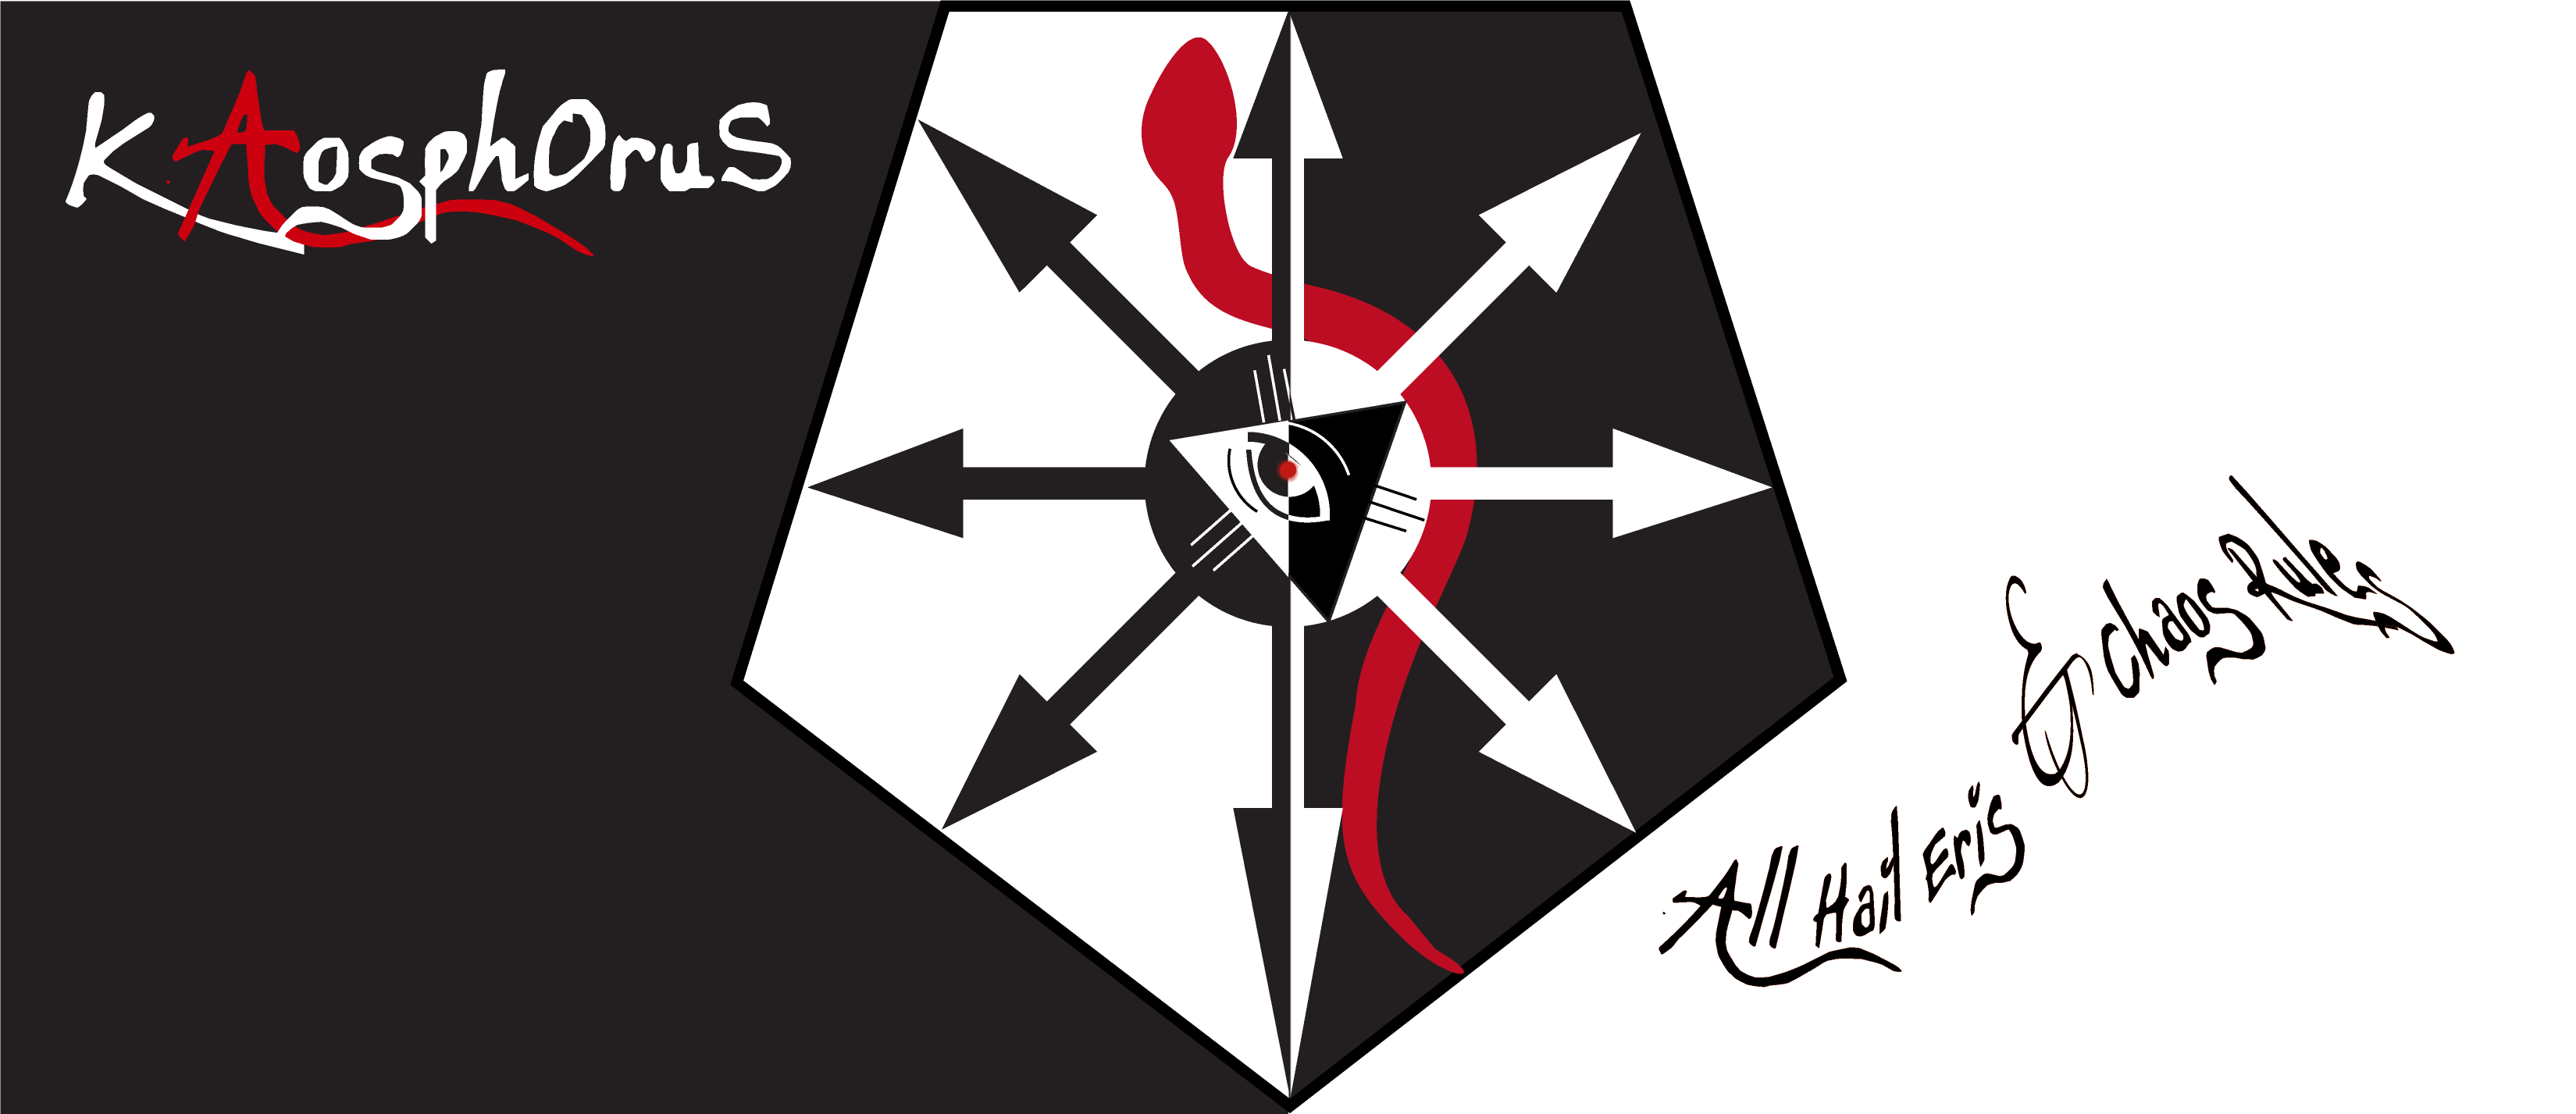 kaosphorus flag black white - La Magie du Chaos : Piraterie Occulte et Vieilles Dentelles